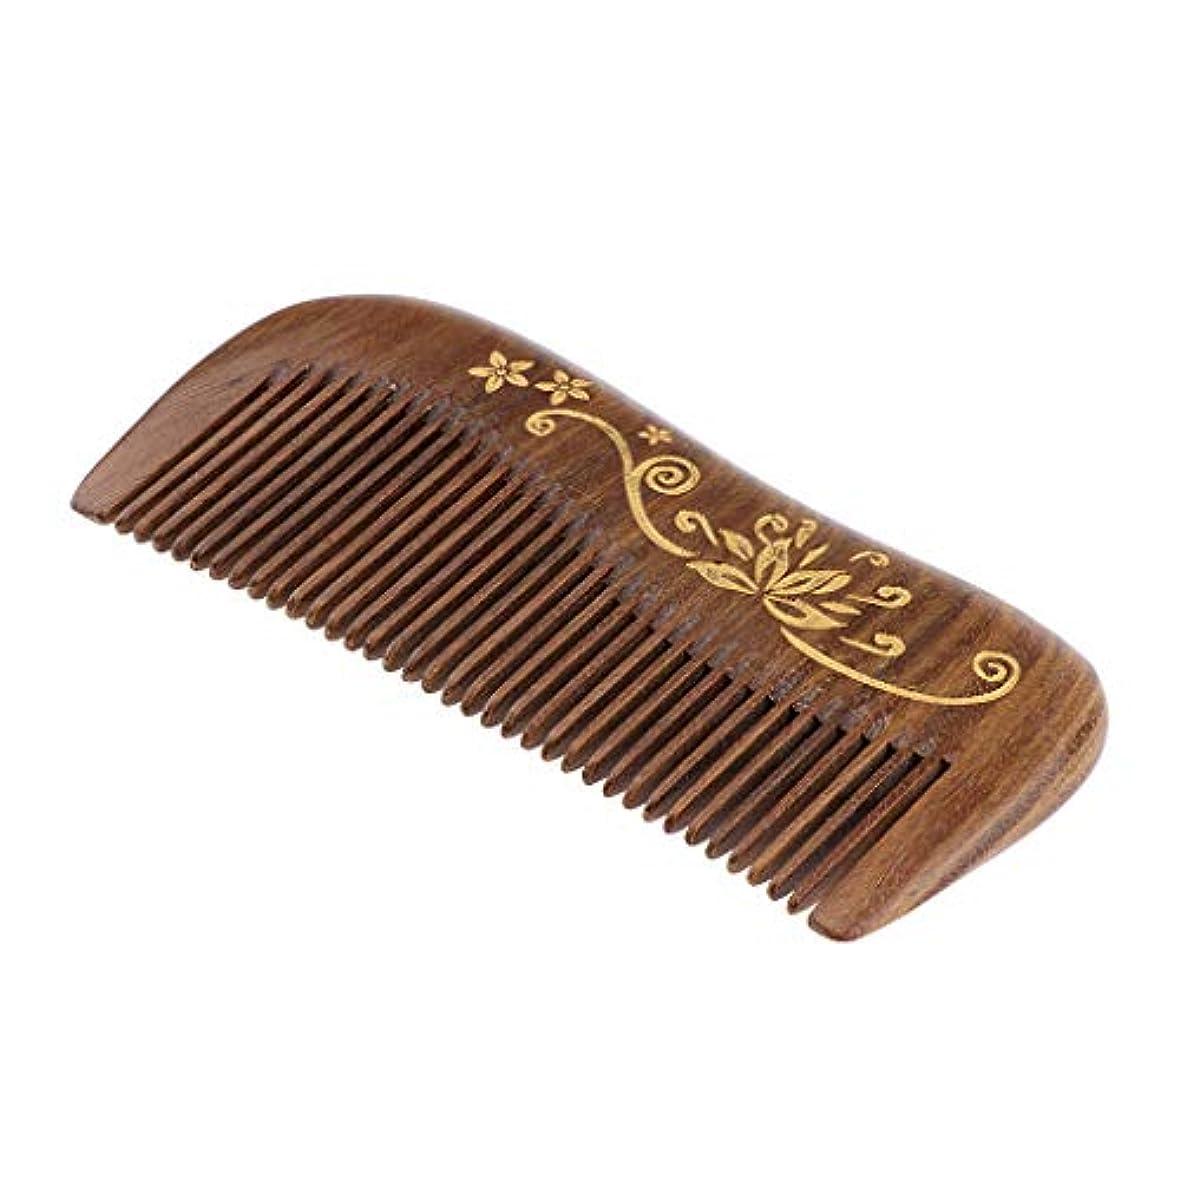 イライラするうつ追放するヘアコーム 広い歯 木製櫛 ヘアブラシ マッサージ櫛 帯電防止 4仕様選べ - #4